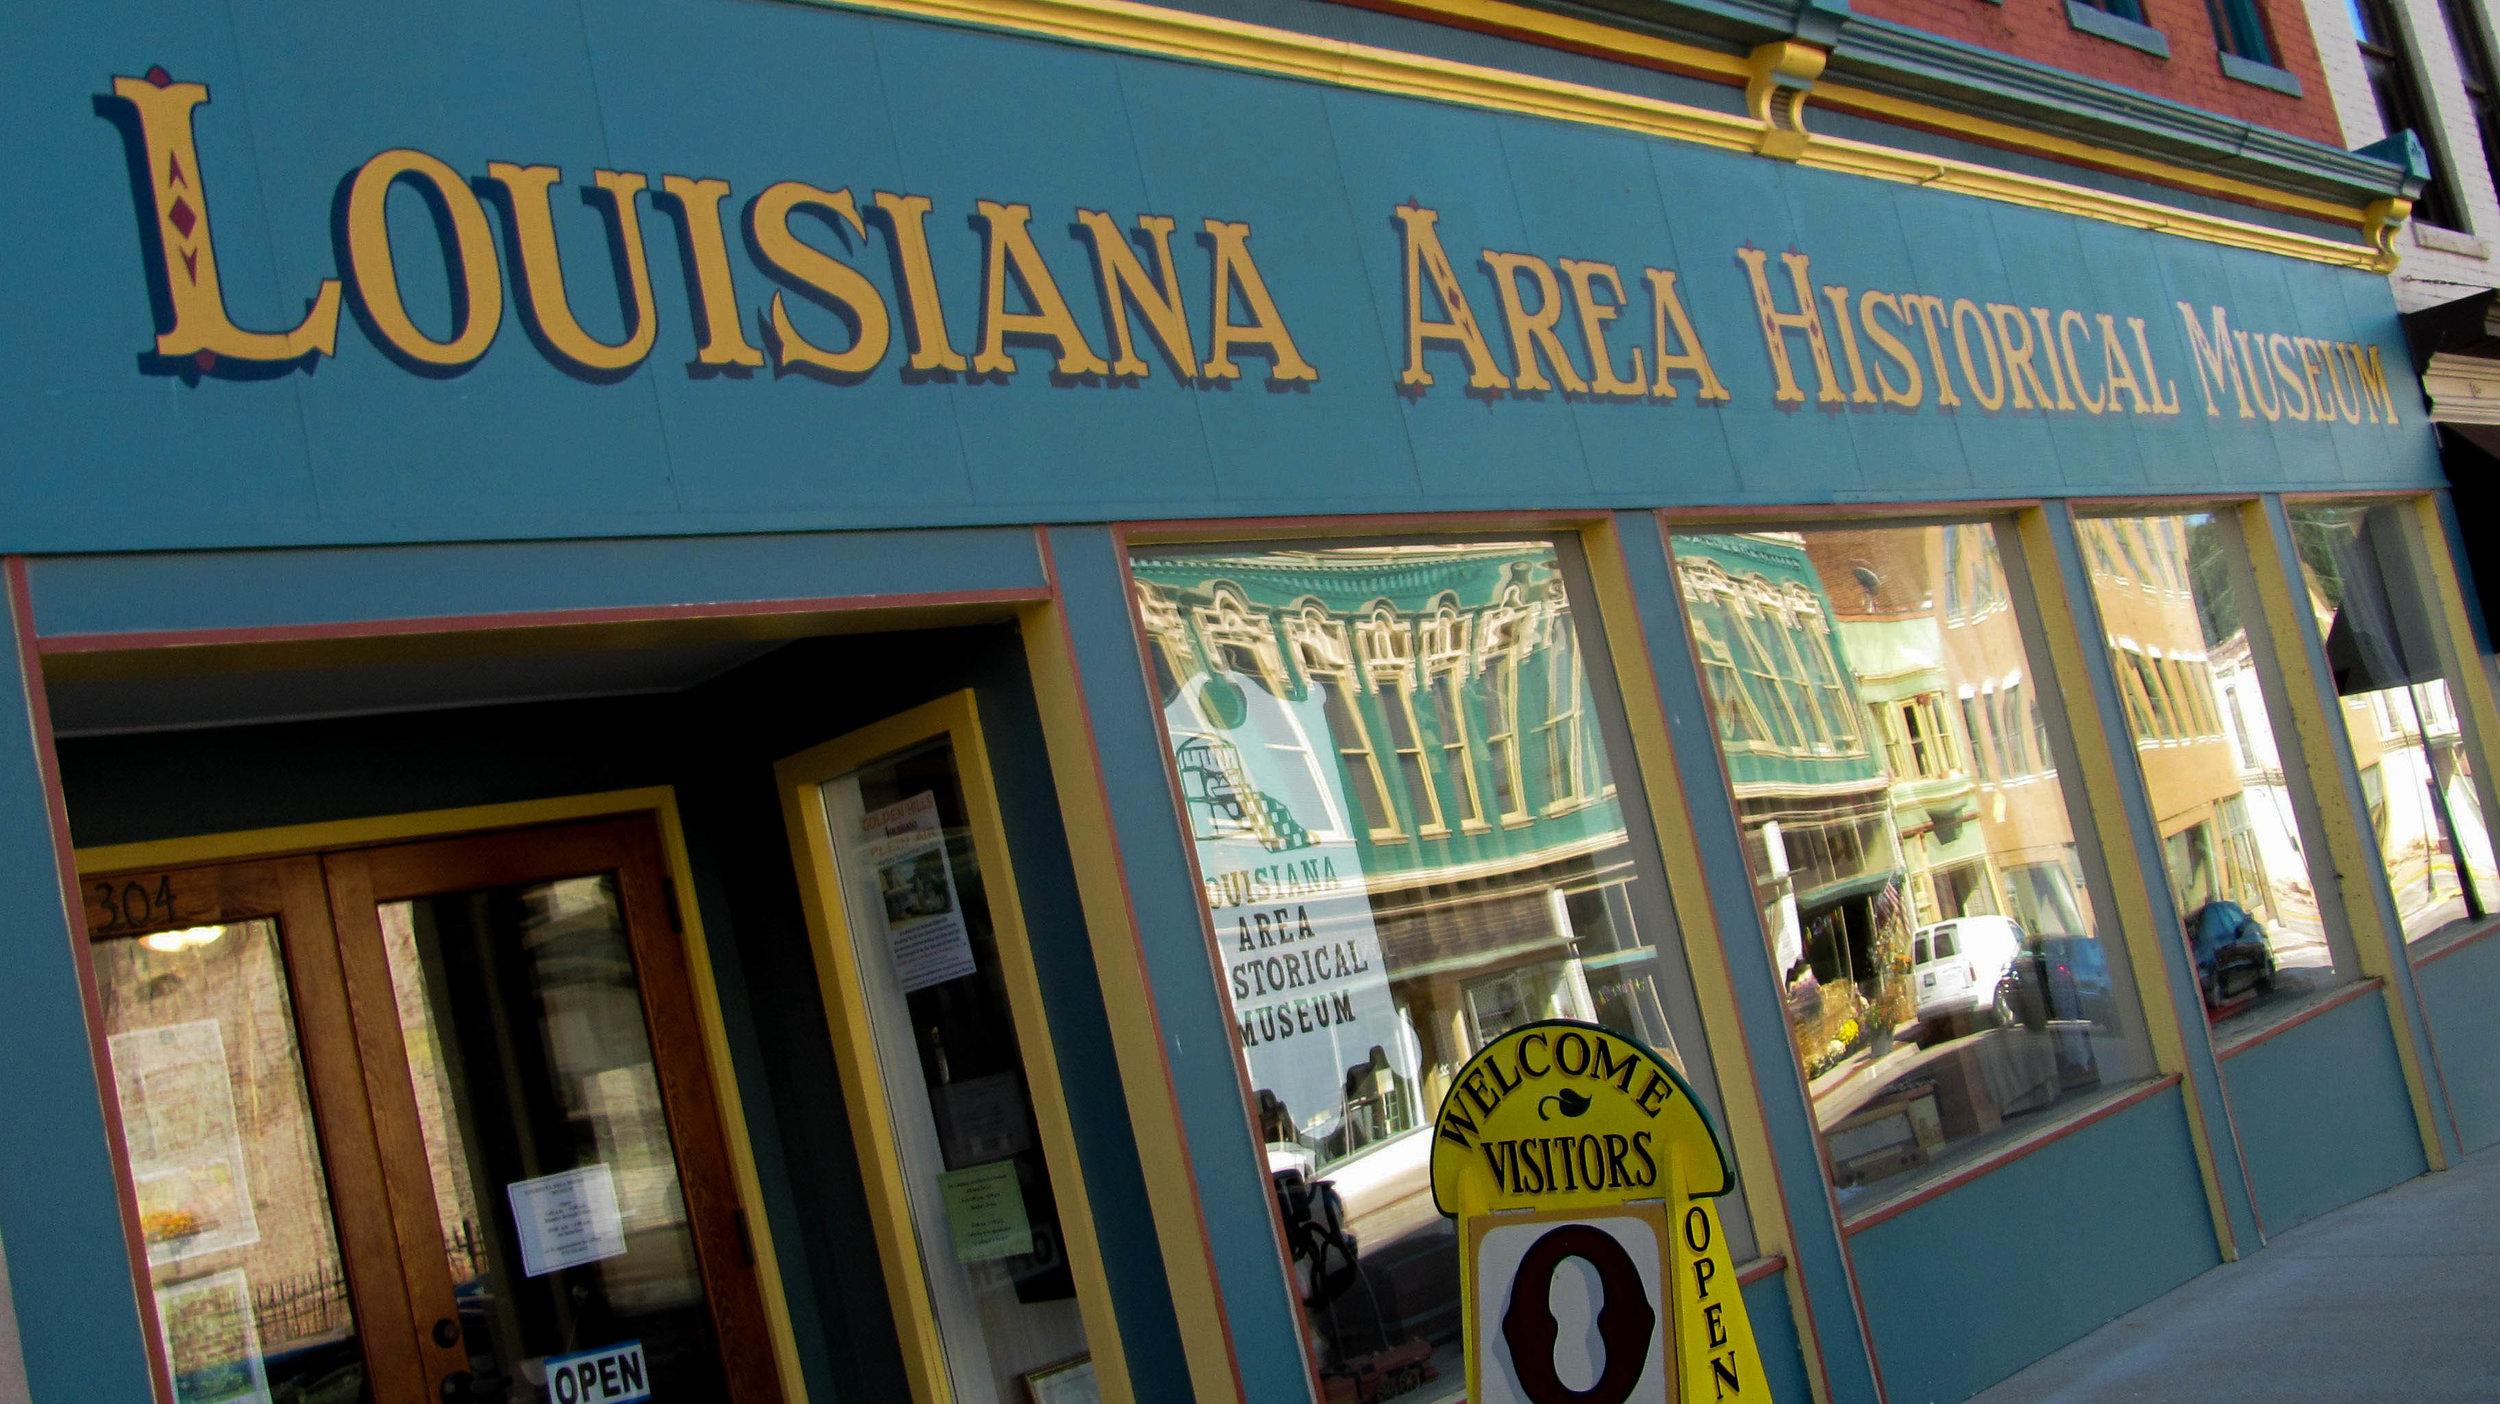 louisiana_museum_09122014_alr-5012.jpg